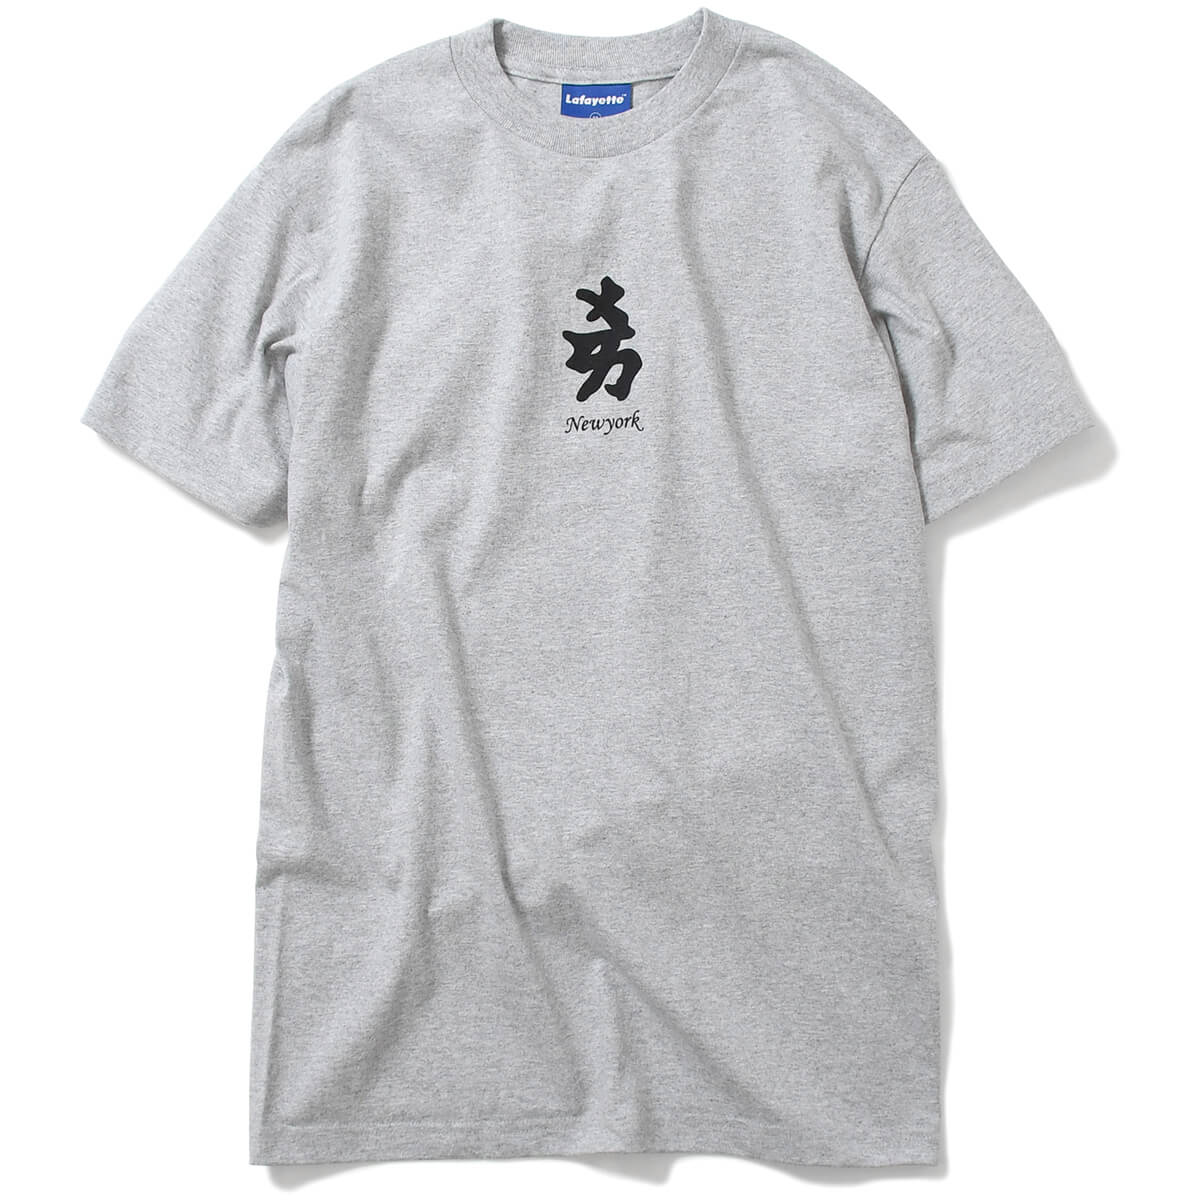 Lafayette ラファイエット半袖 Tシャツ メンズ ストリート ブランド ティーシャツ ティー Rakim ラキム S M L XL XXL WHEN I B ON THE MIC TEE LA190119 HEATHER GRAY ヘザーグレー グレー 灰